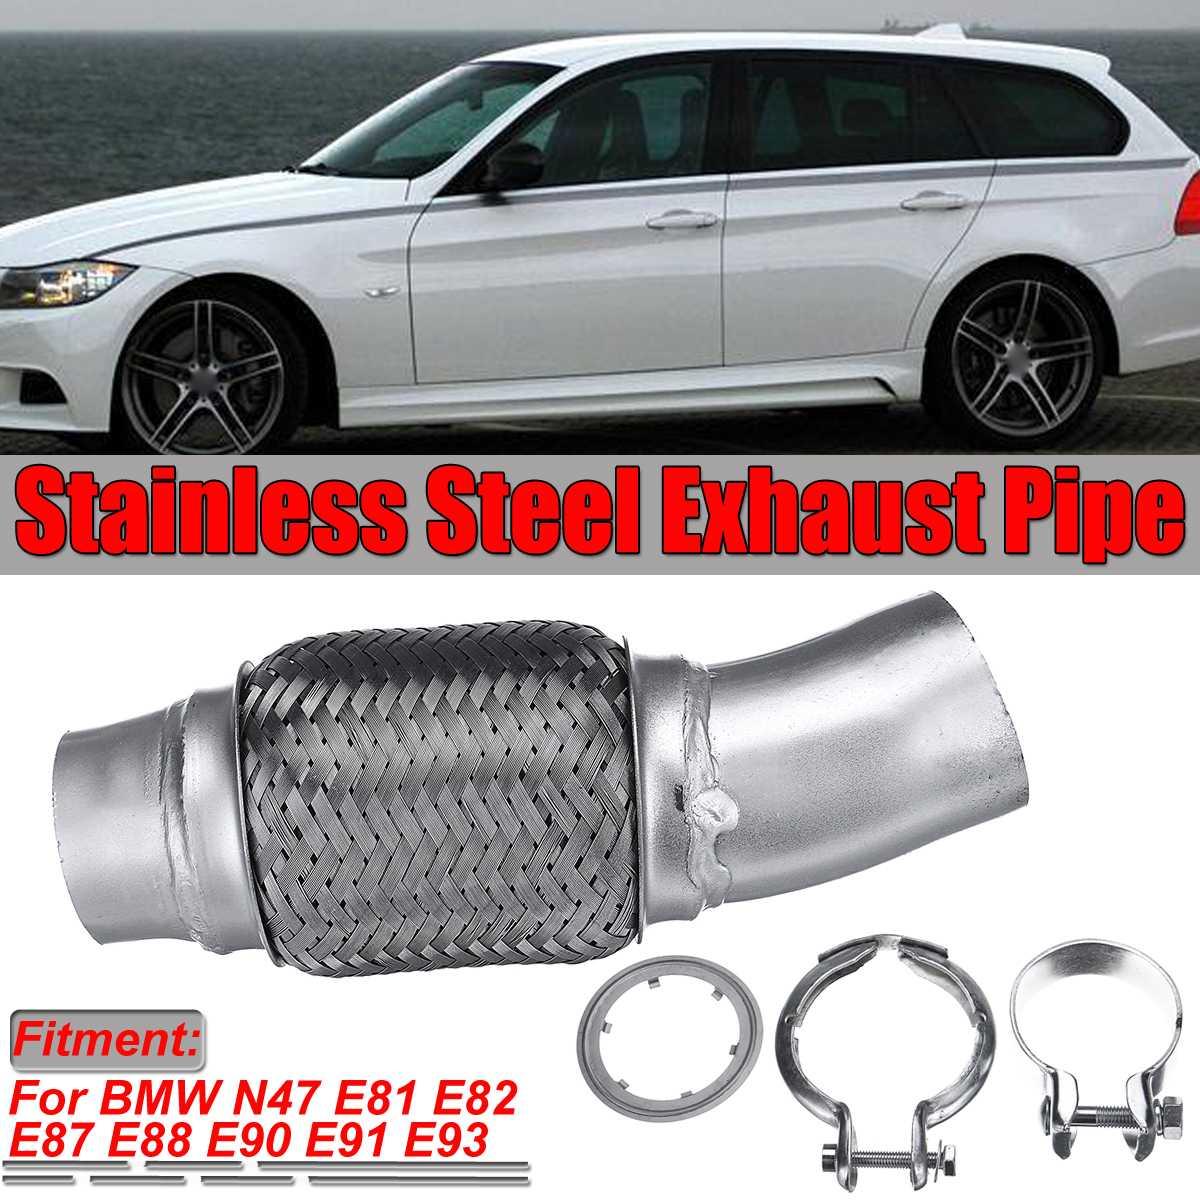 E90 E88 E91 스테인리스 자동차 배기 파이프 키트 클램프 BMW N47 E81 E82 E87 E88 E90 E91 E93 18307812281 18307812283